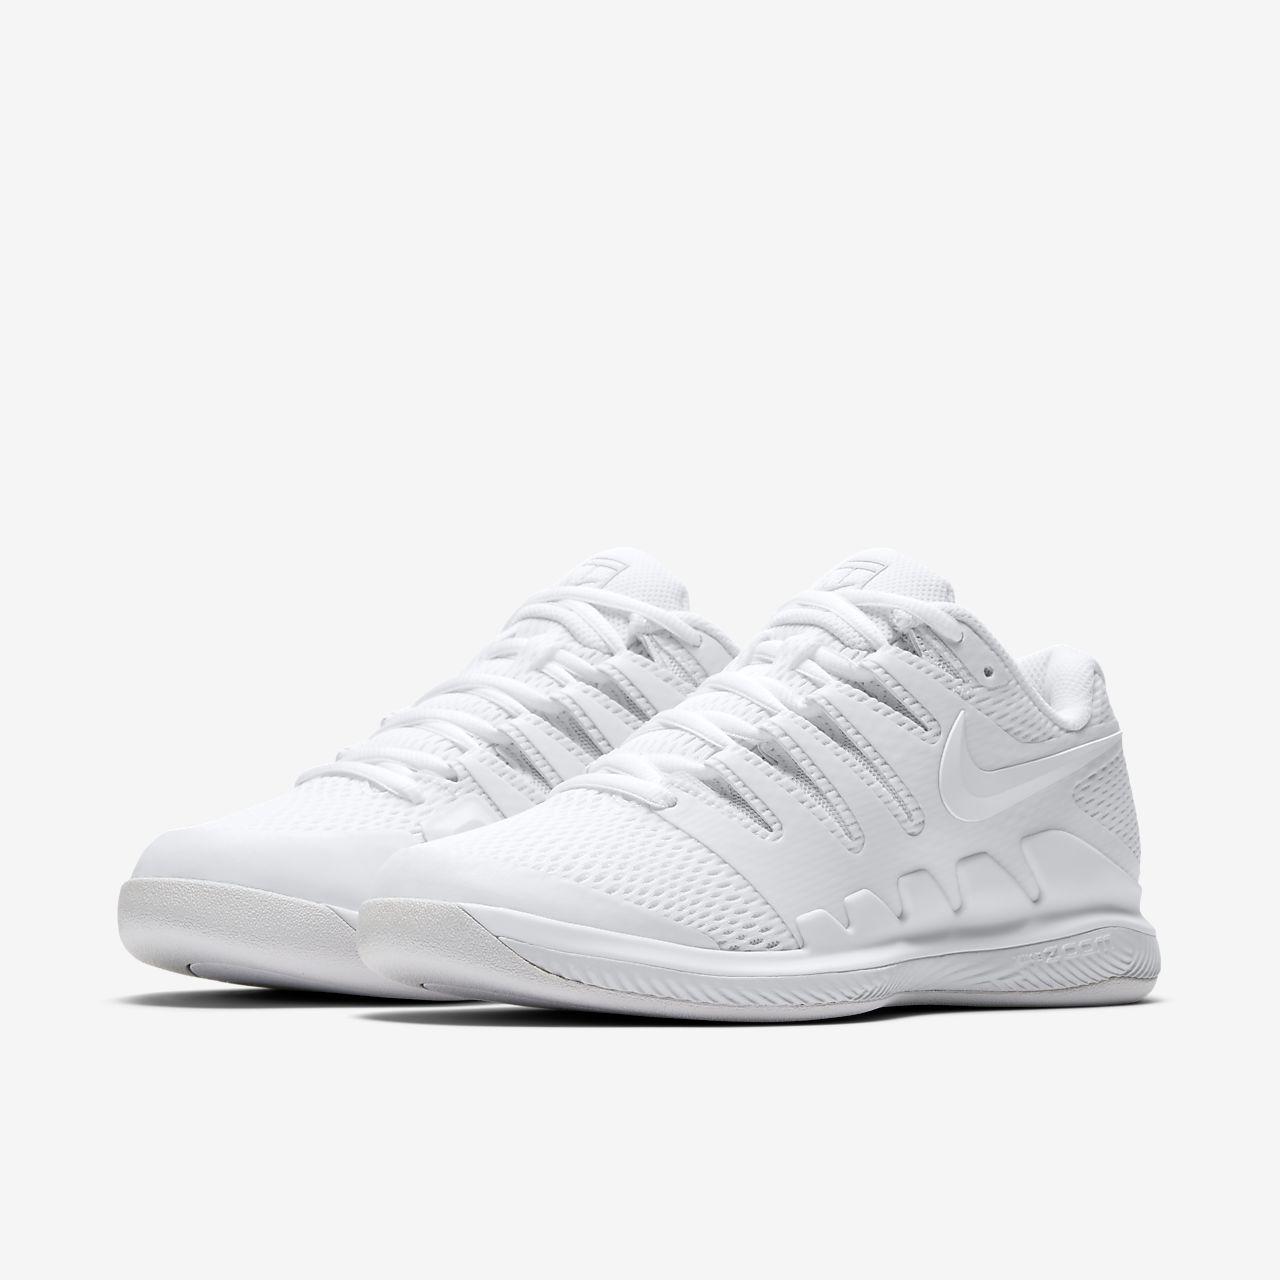 best service c4294 a013d ... Chaussure de tennis Nike Air Zoom Vapor 10 Carpet pour Femme